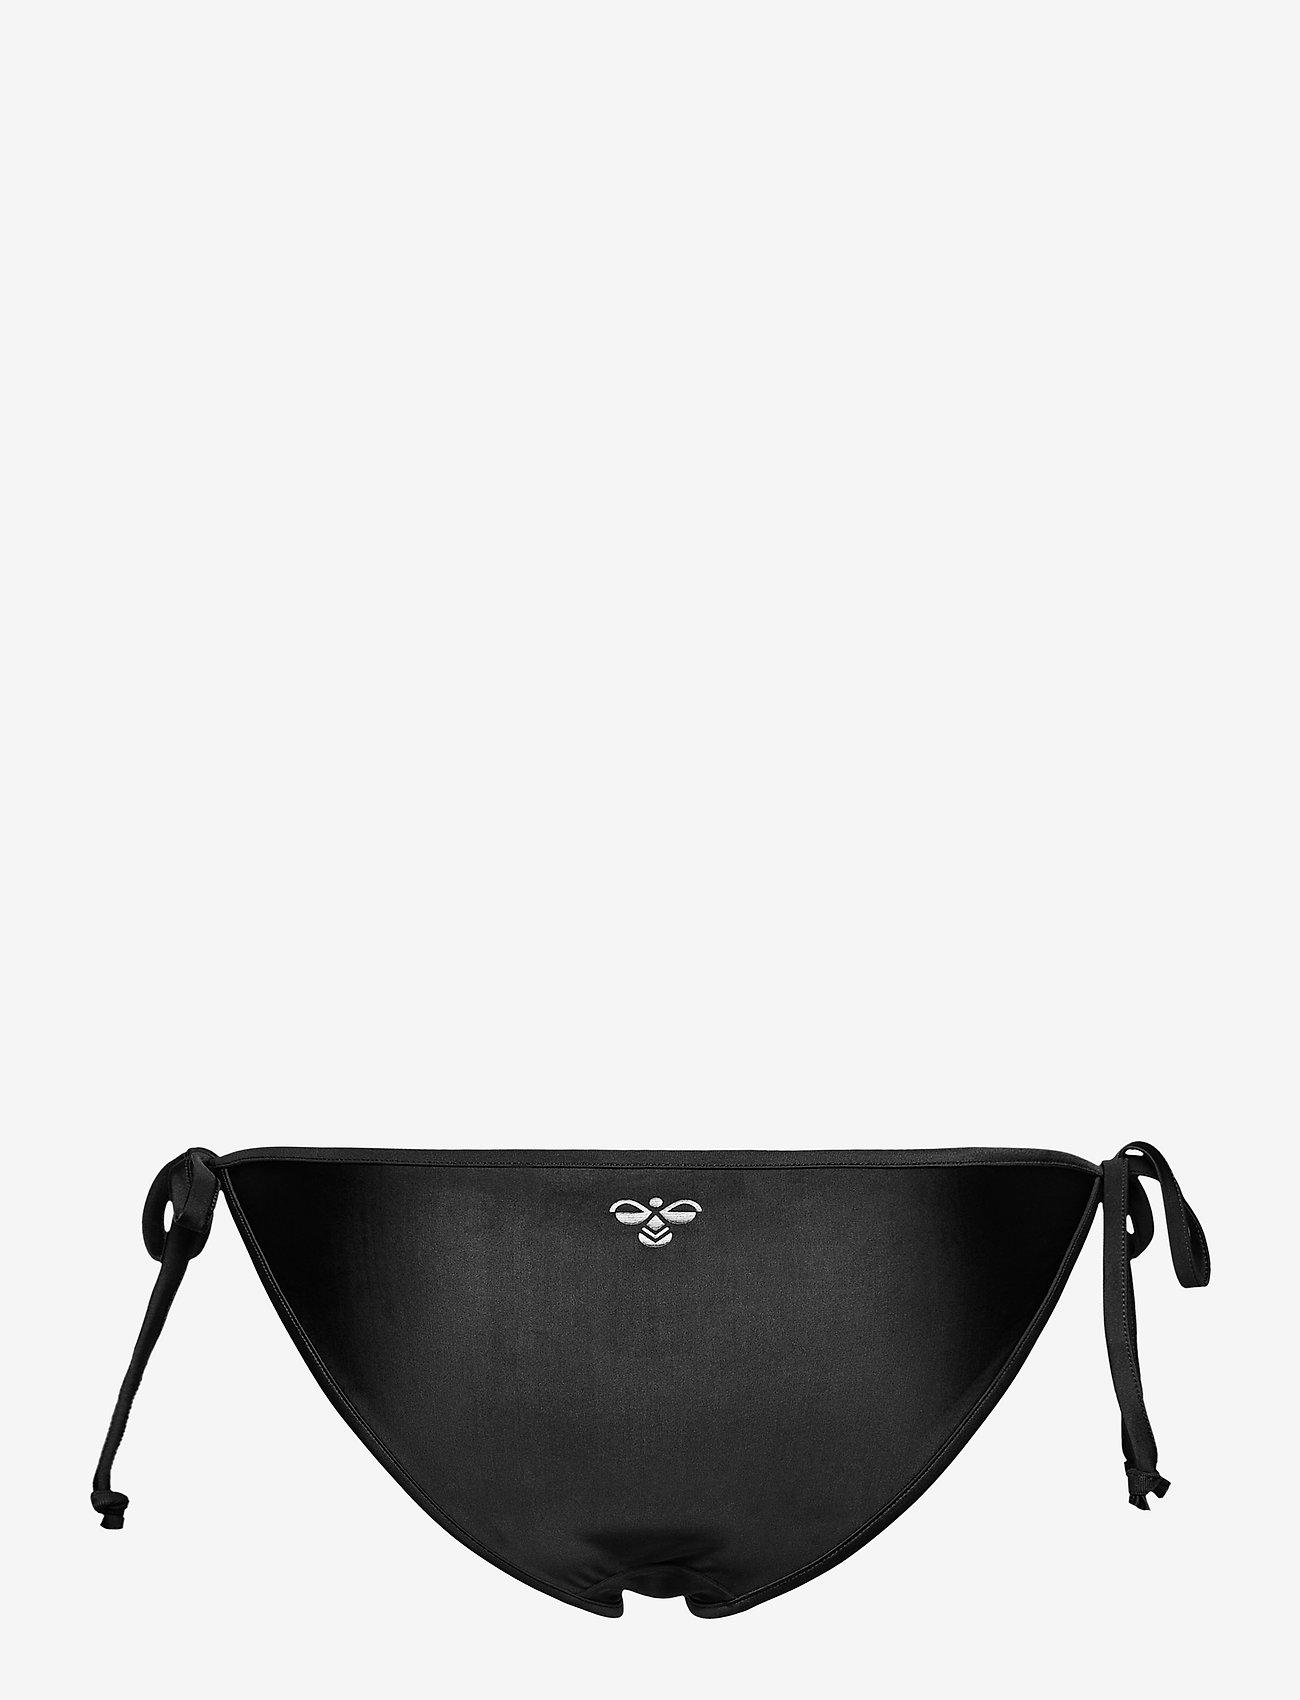 Hummel - hmlSHAKI SWIM TANGA - bikini z wiązaniami po bokach - black - 1